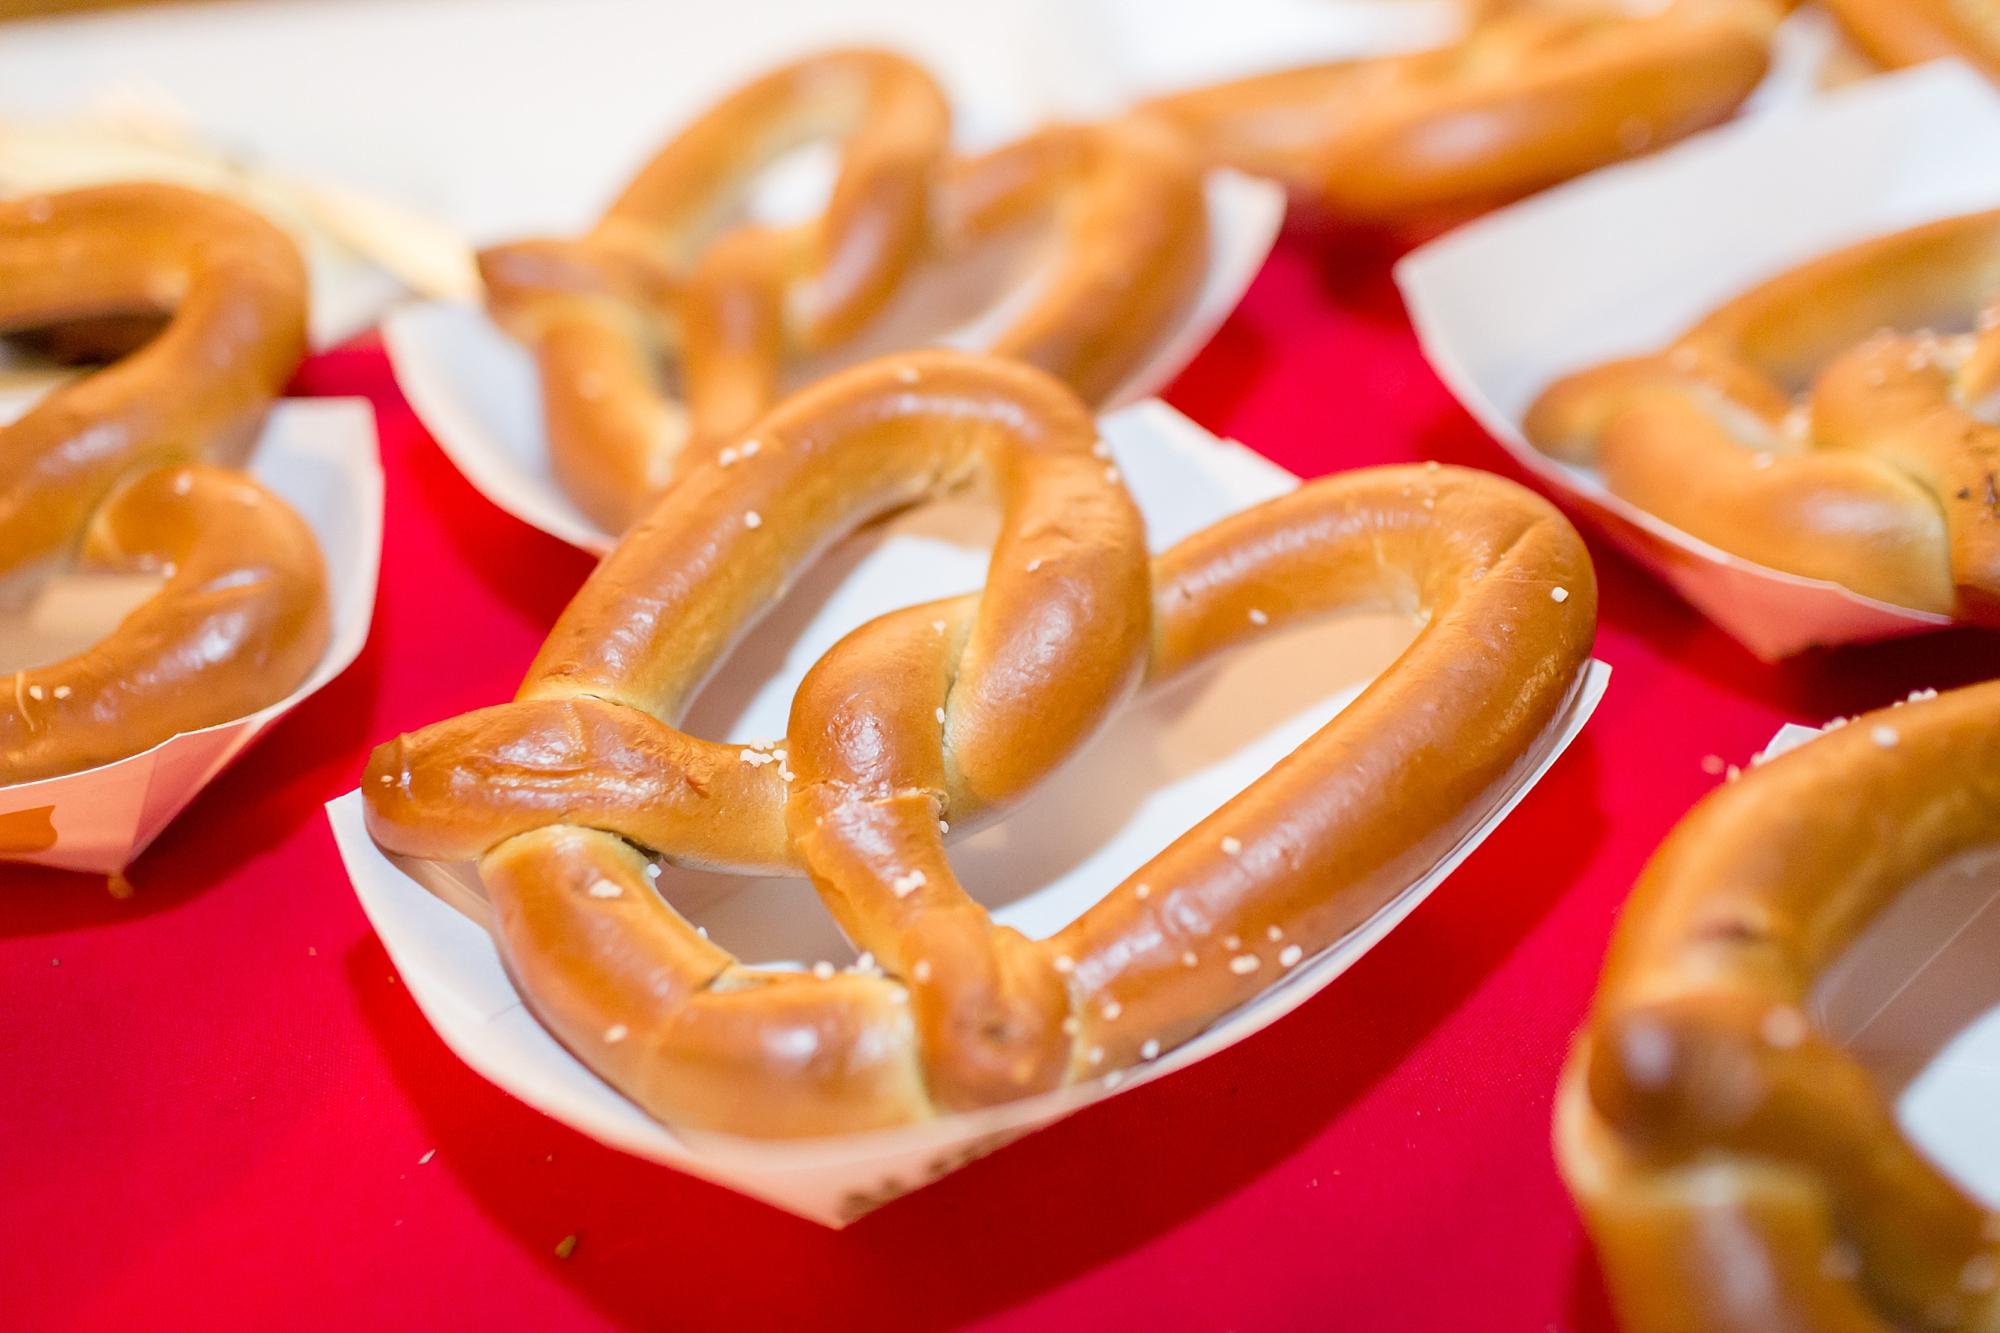 Late night pretzel sanck. Love it!